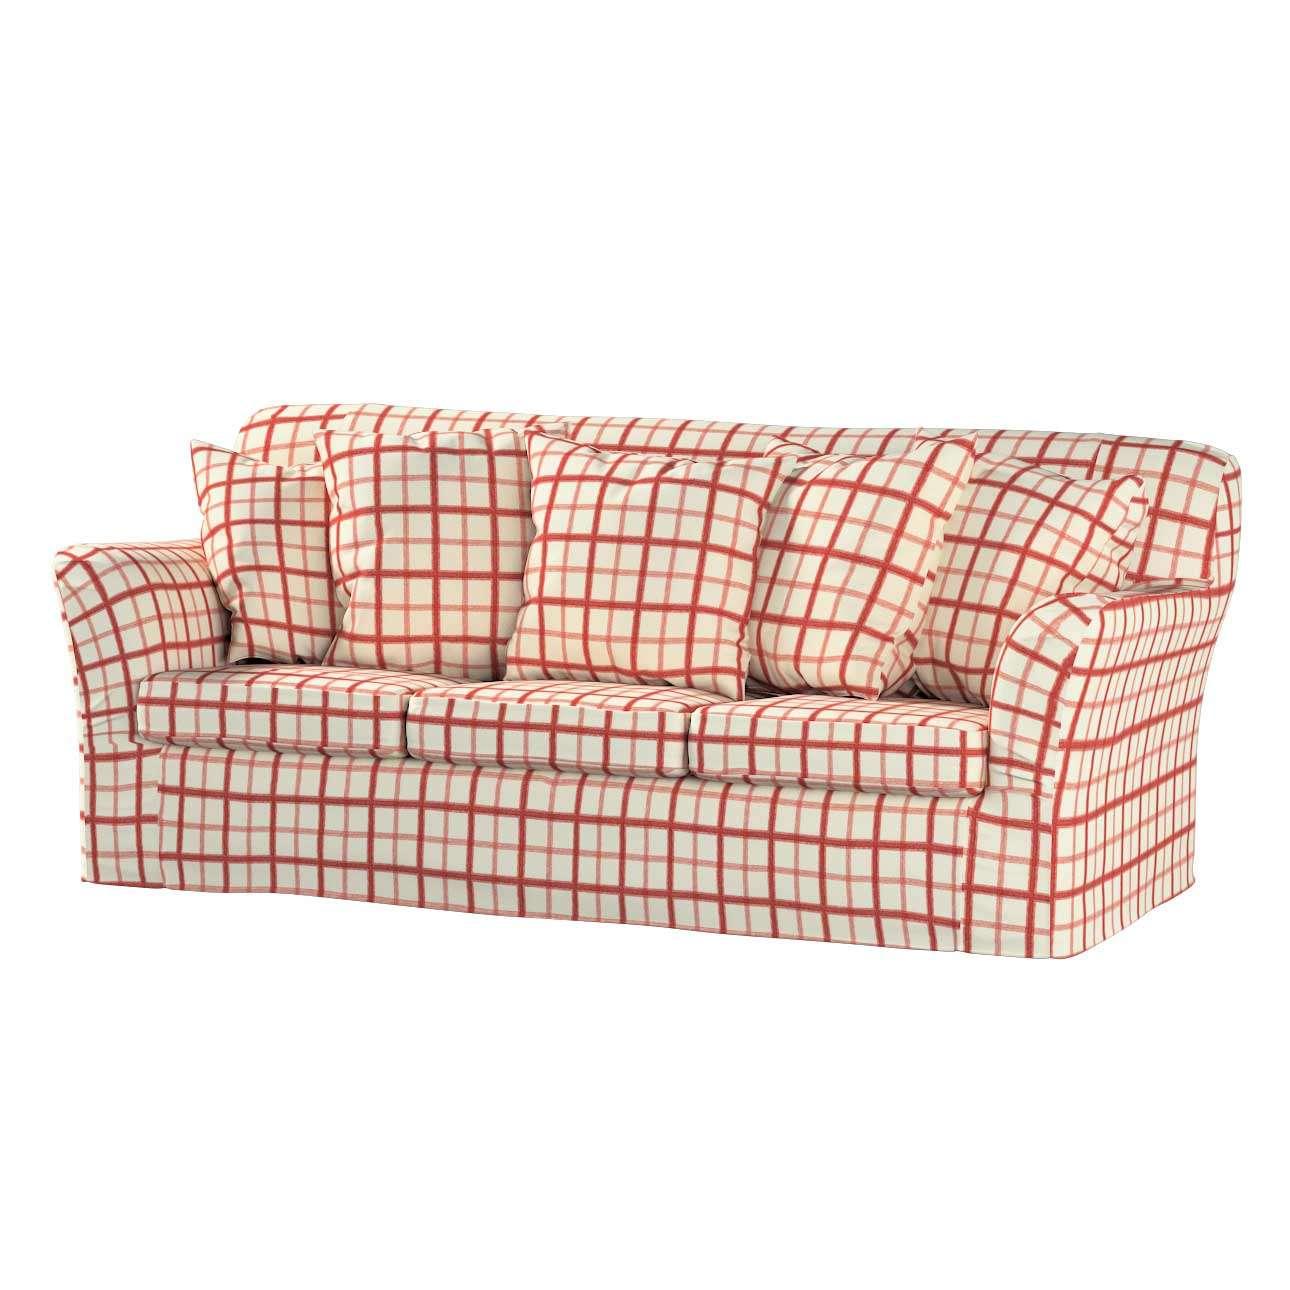 Huzat Ikea Tomelilla 3-üléses nem kinyitható kanapéra a kollekcióból Avinon  Lakástextil 8ac4000eec